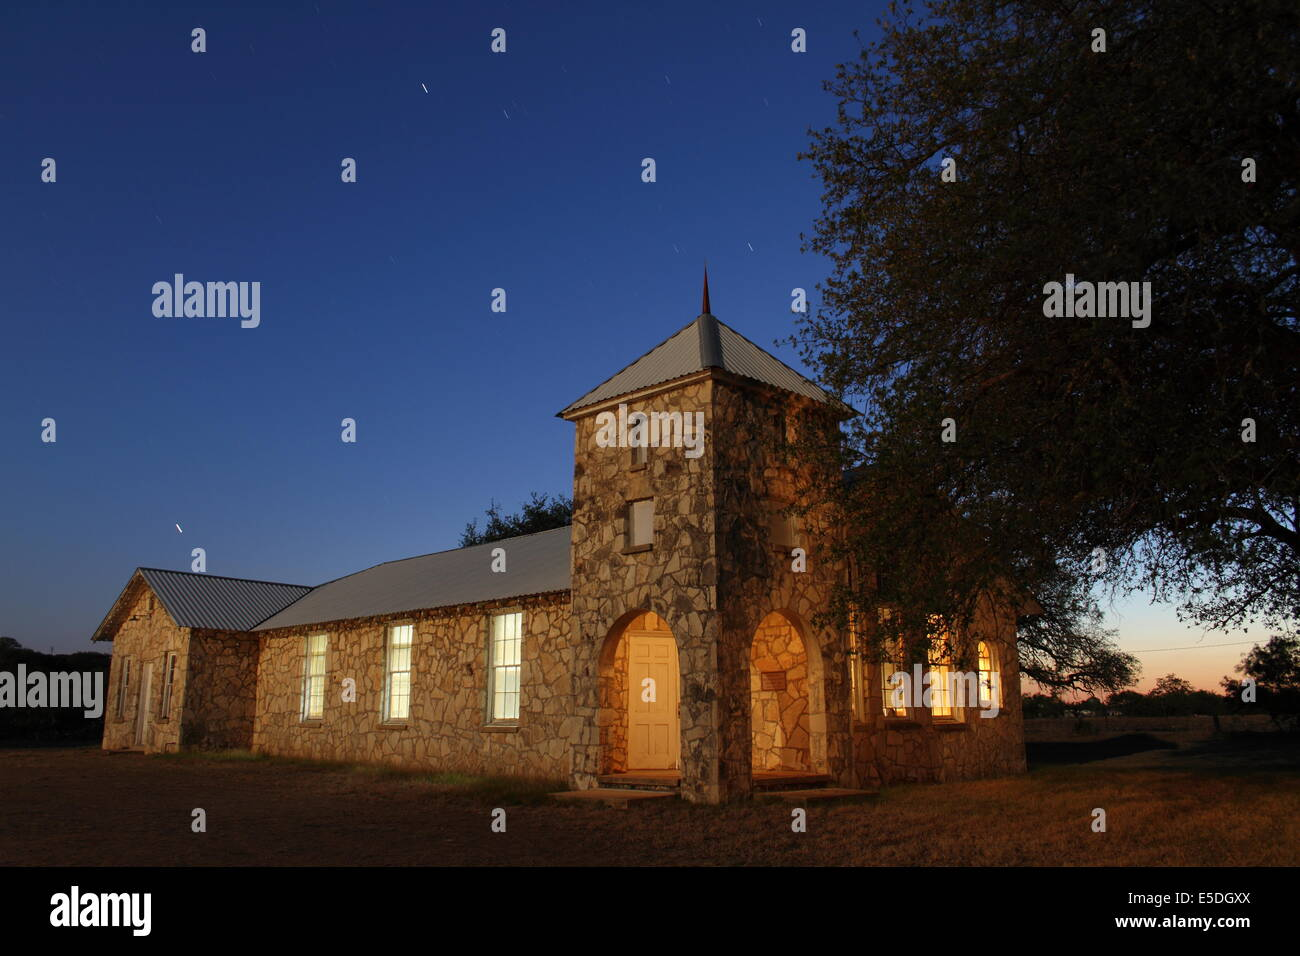 Une peinture de l'église de Roosevelt entre chênes, près de Junction, Texas. Banque D'Images